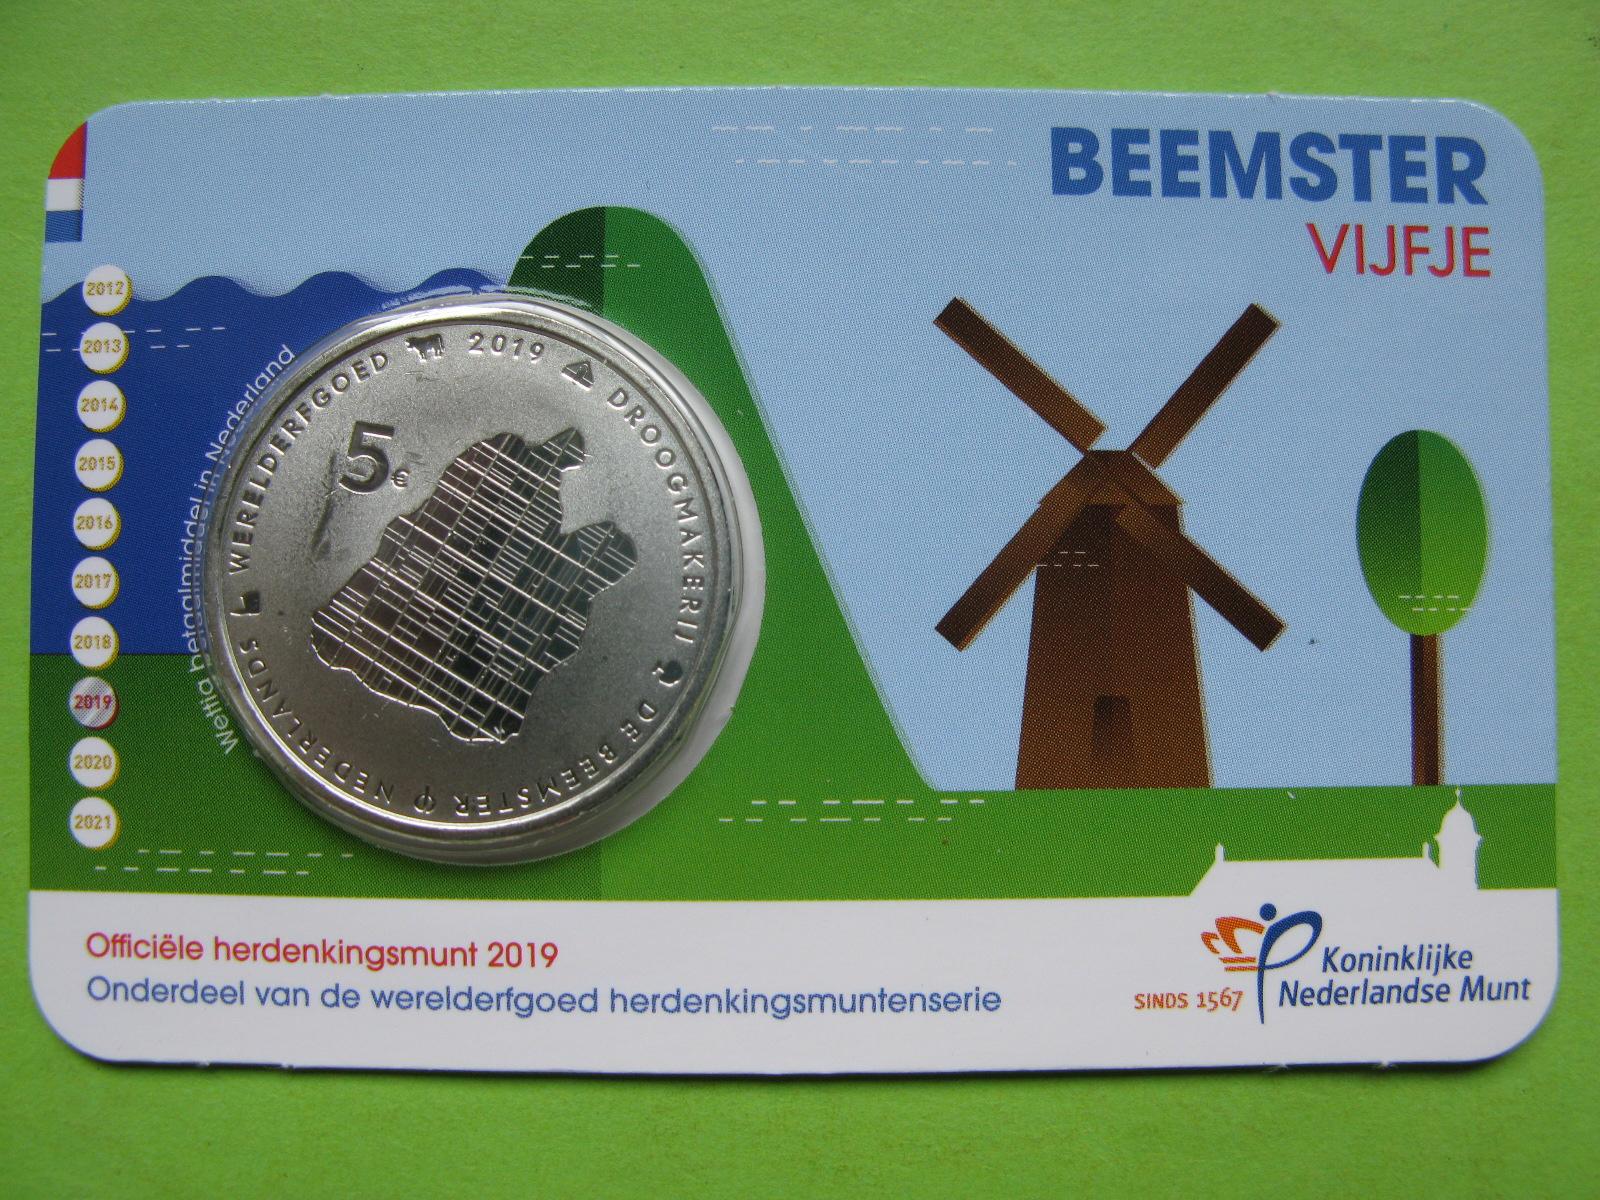 Нидерланды 5 евро 2019 г. Бемстер